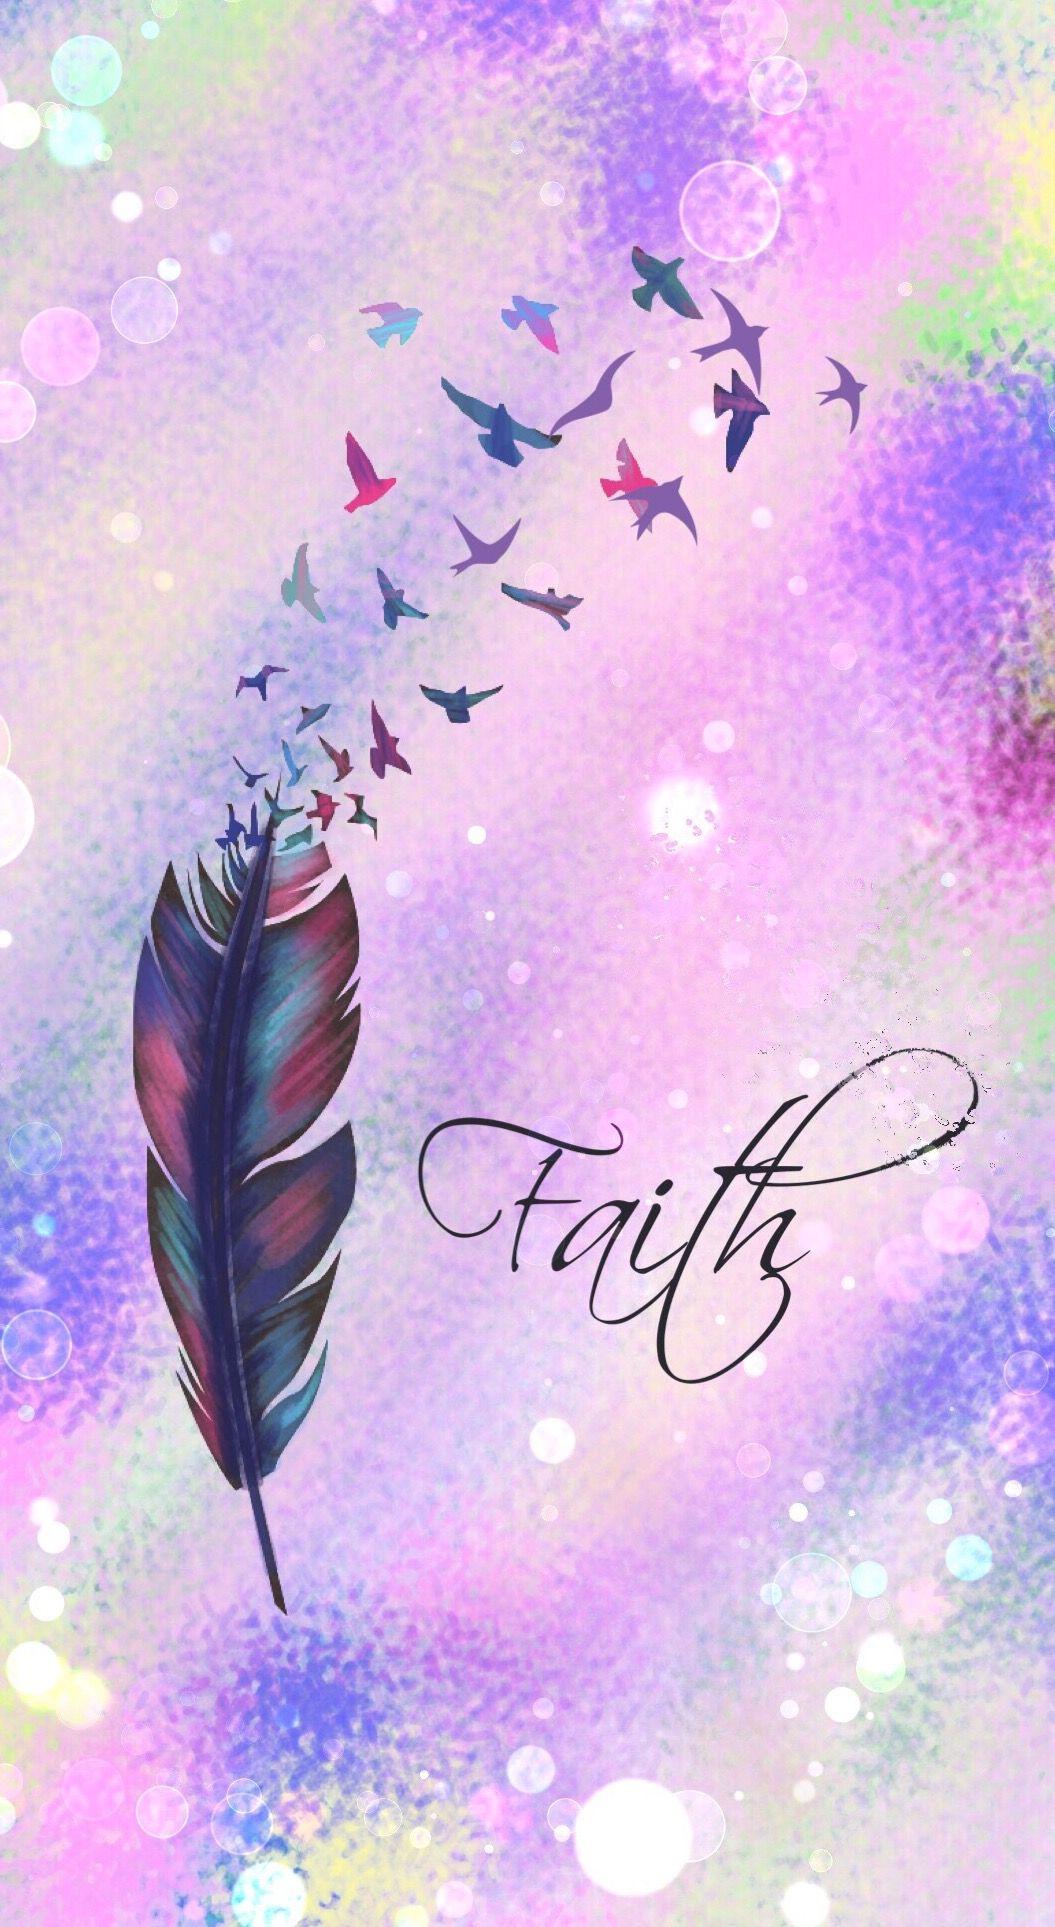 Hispter Cute Girly Lockscreen By Rose Dreamcatcher Wallpaper Positive Wallpapers Art Wallpaper